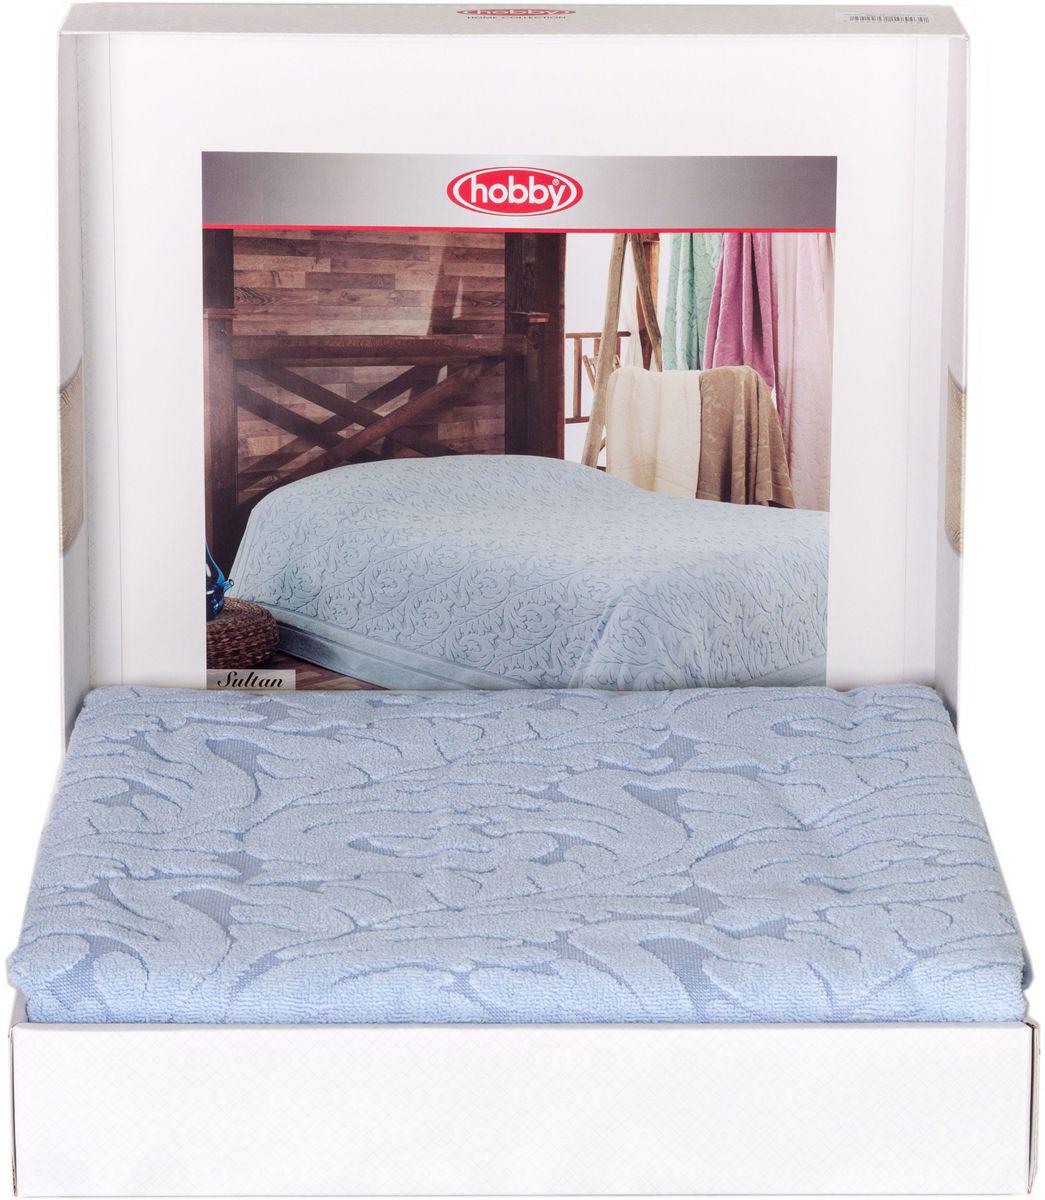 Покрывало Hobby Home Collection Sultan, цвет: голубой, 200 х 220 смES-412Шикарное покрывало Hobby Home Collection Sultan изготовлено из 100% хлопка высшей категории. Оно обладает замечательными дышащими свойствами и будет хорошо смотреться как на диване, так и на большой кровати. Данное покрывало можно также использовать в качестве одеяла.